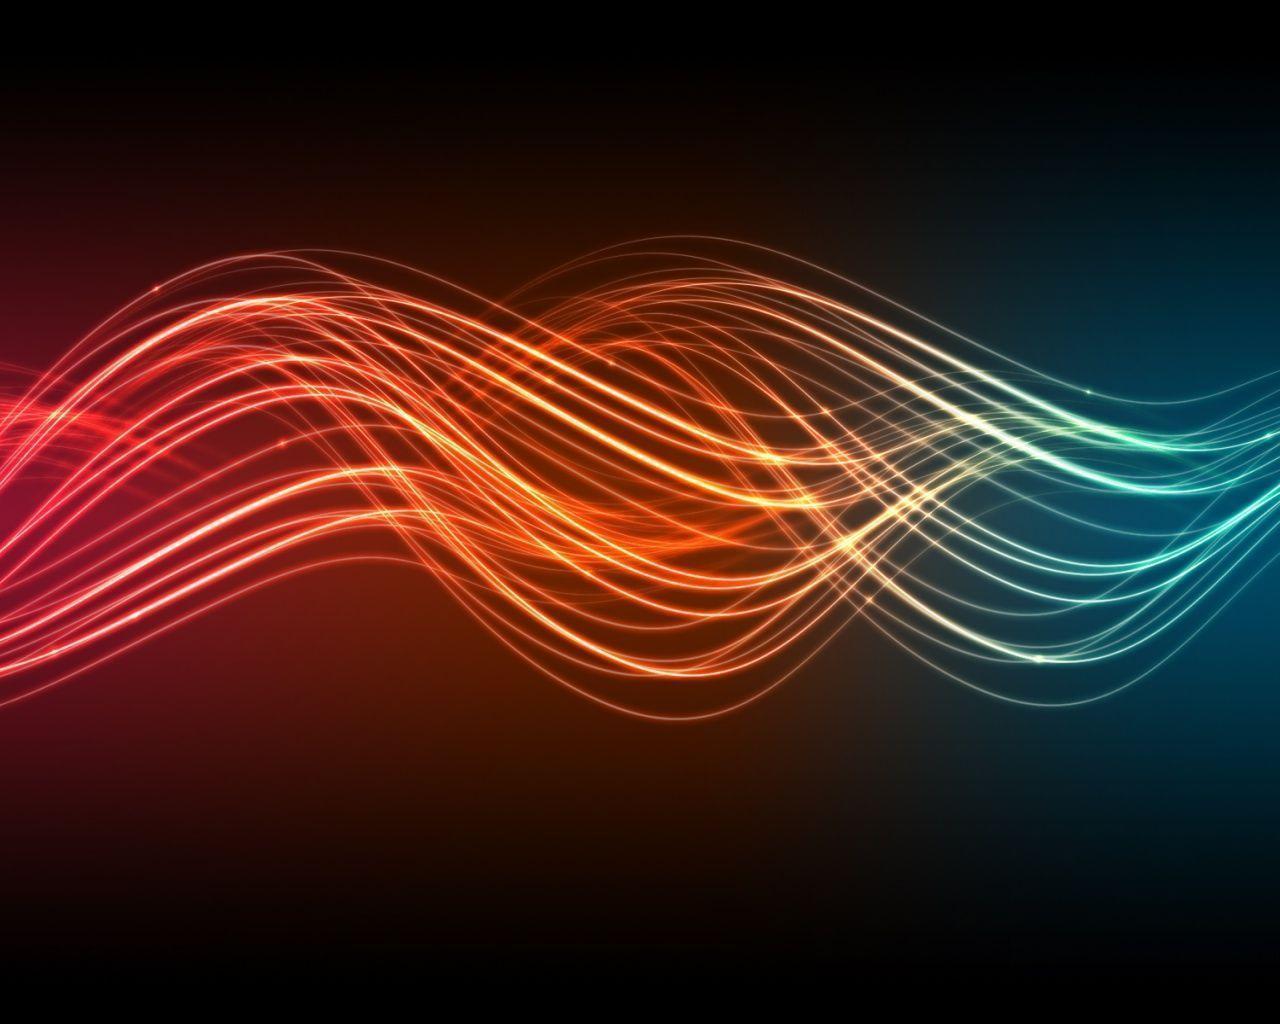 ¿El sonido puede generar calor?